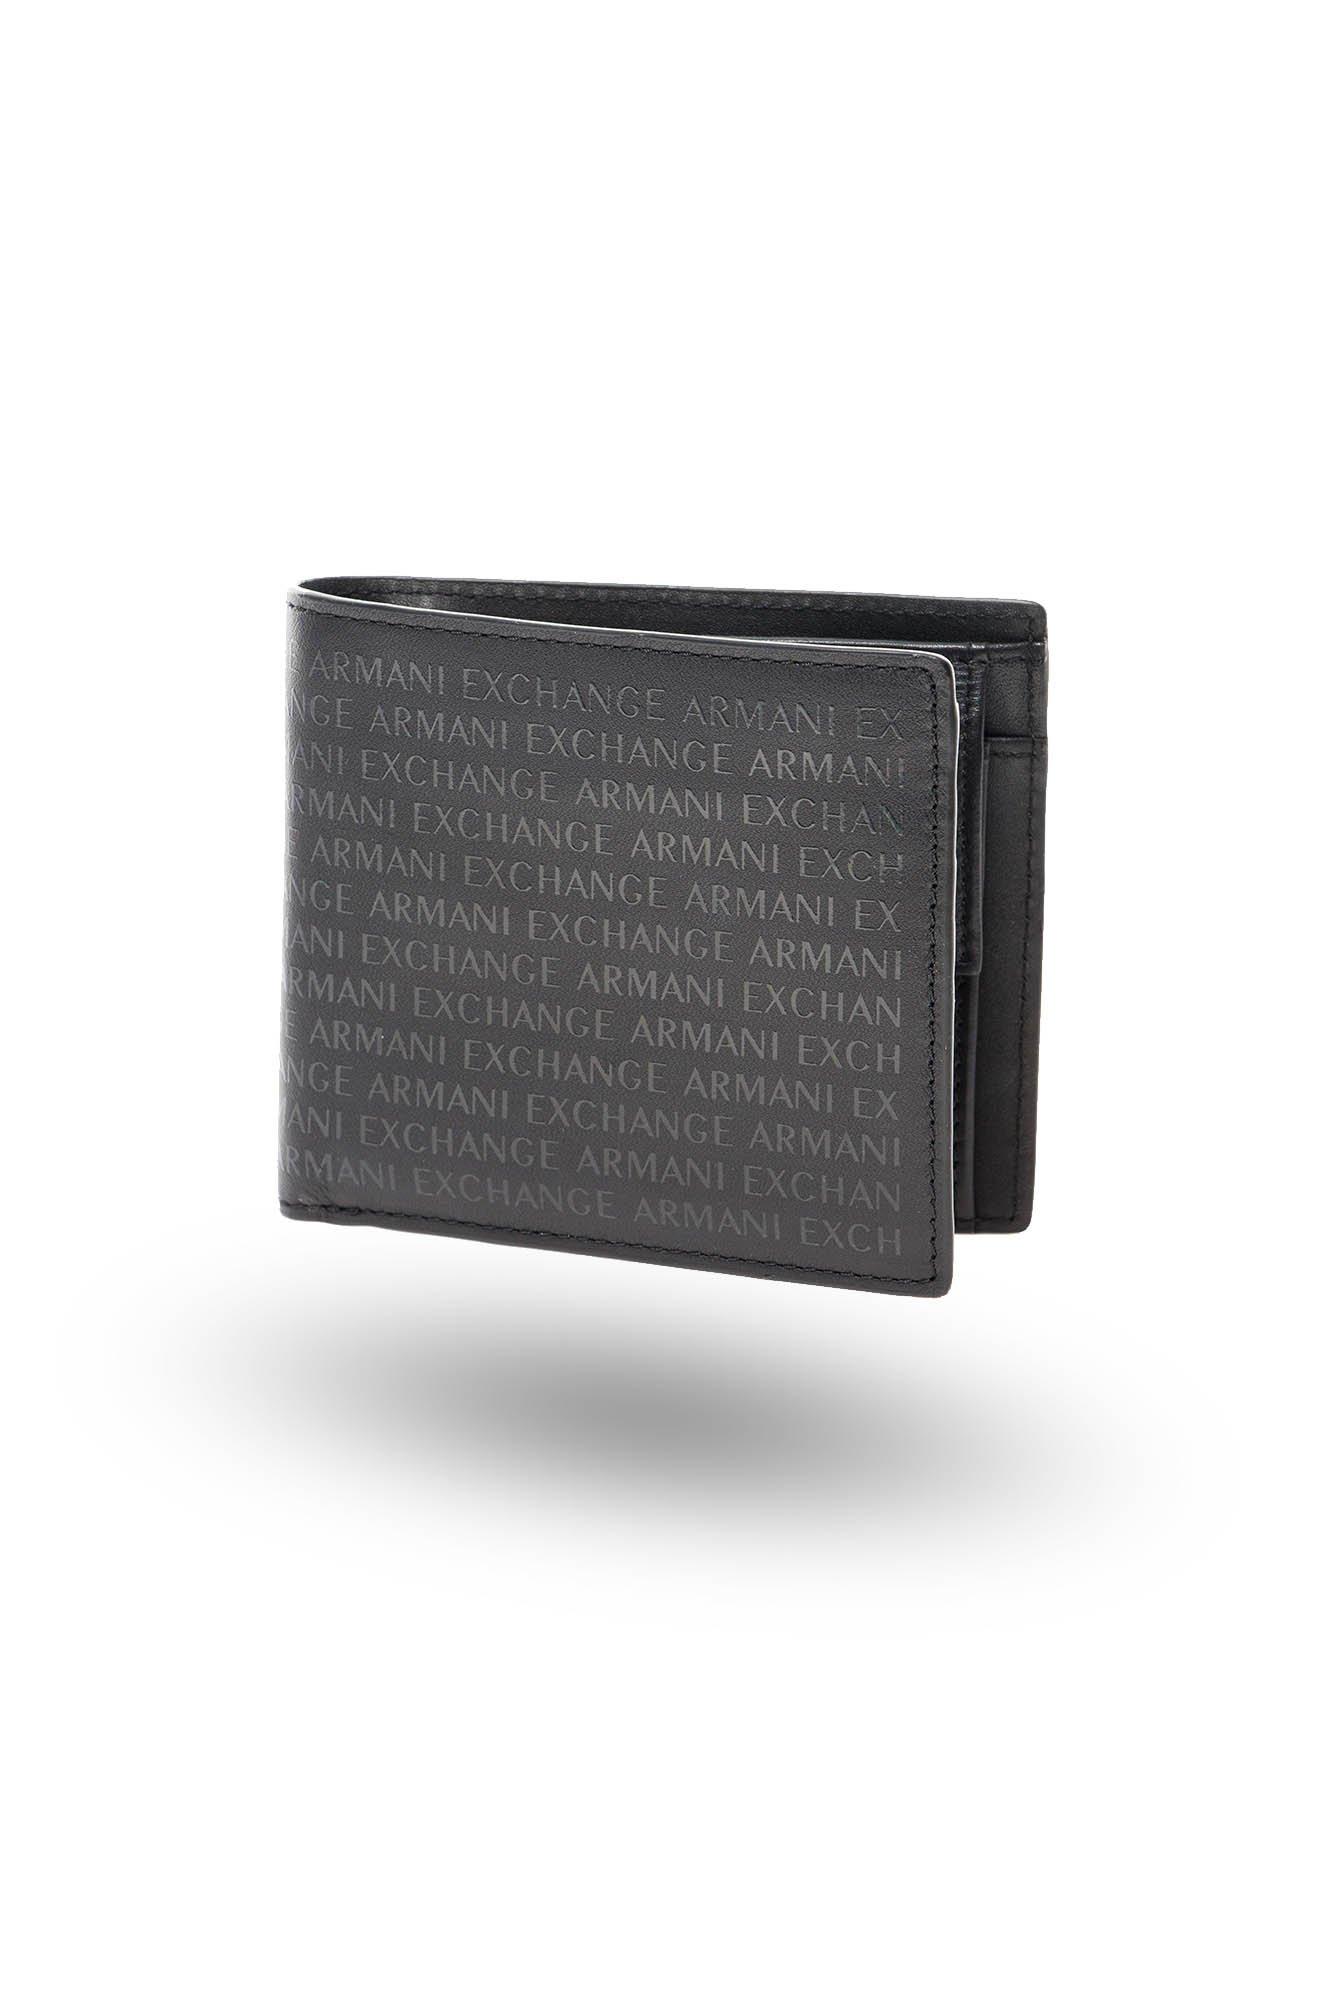 9a5901fb74eb1 ... Czarny skórzany portfel męski Armani Exchange Bifold Coin Pocket ...